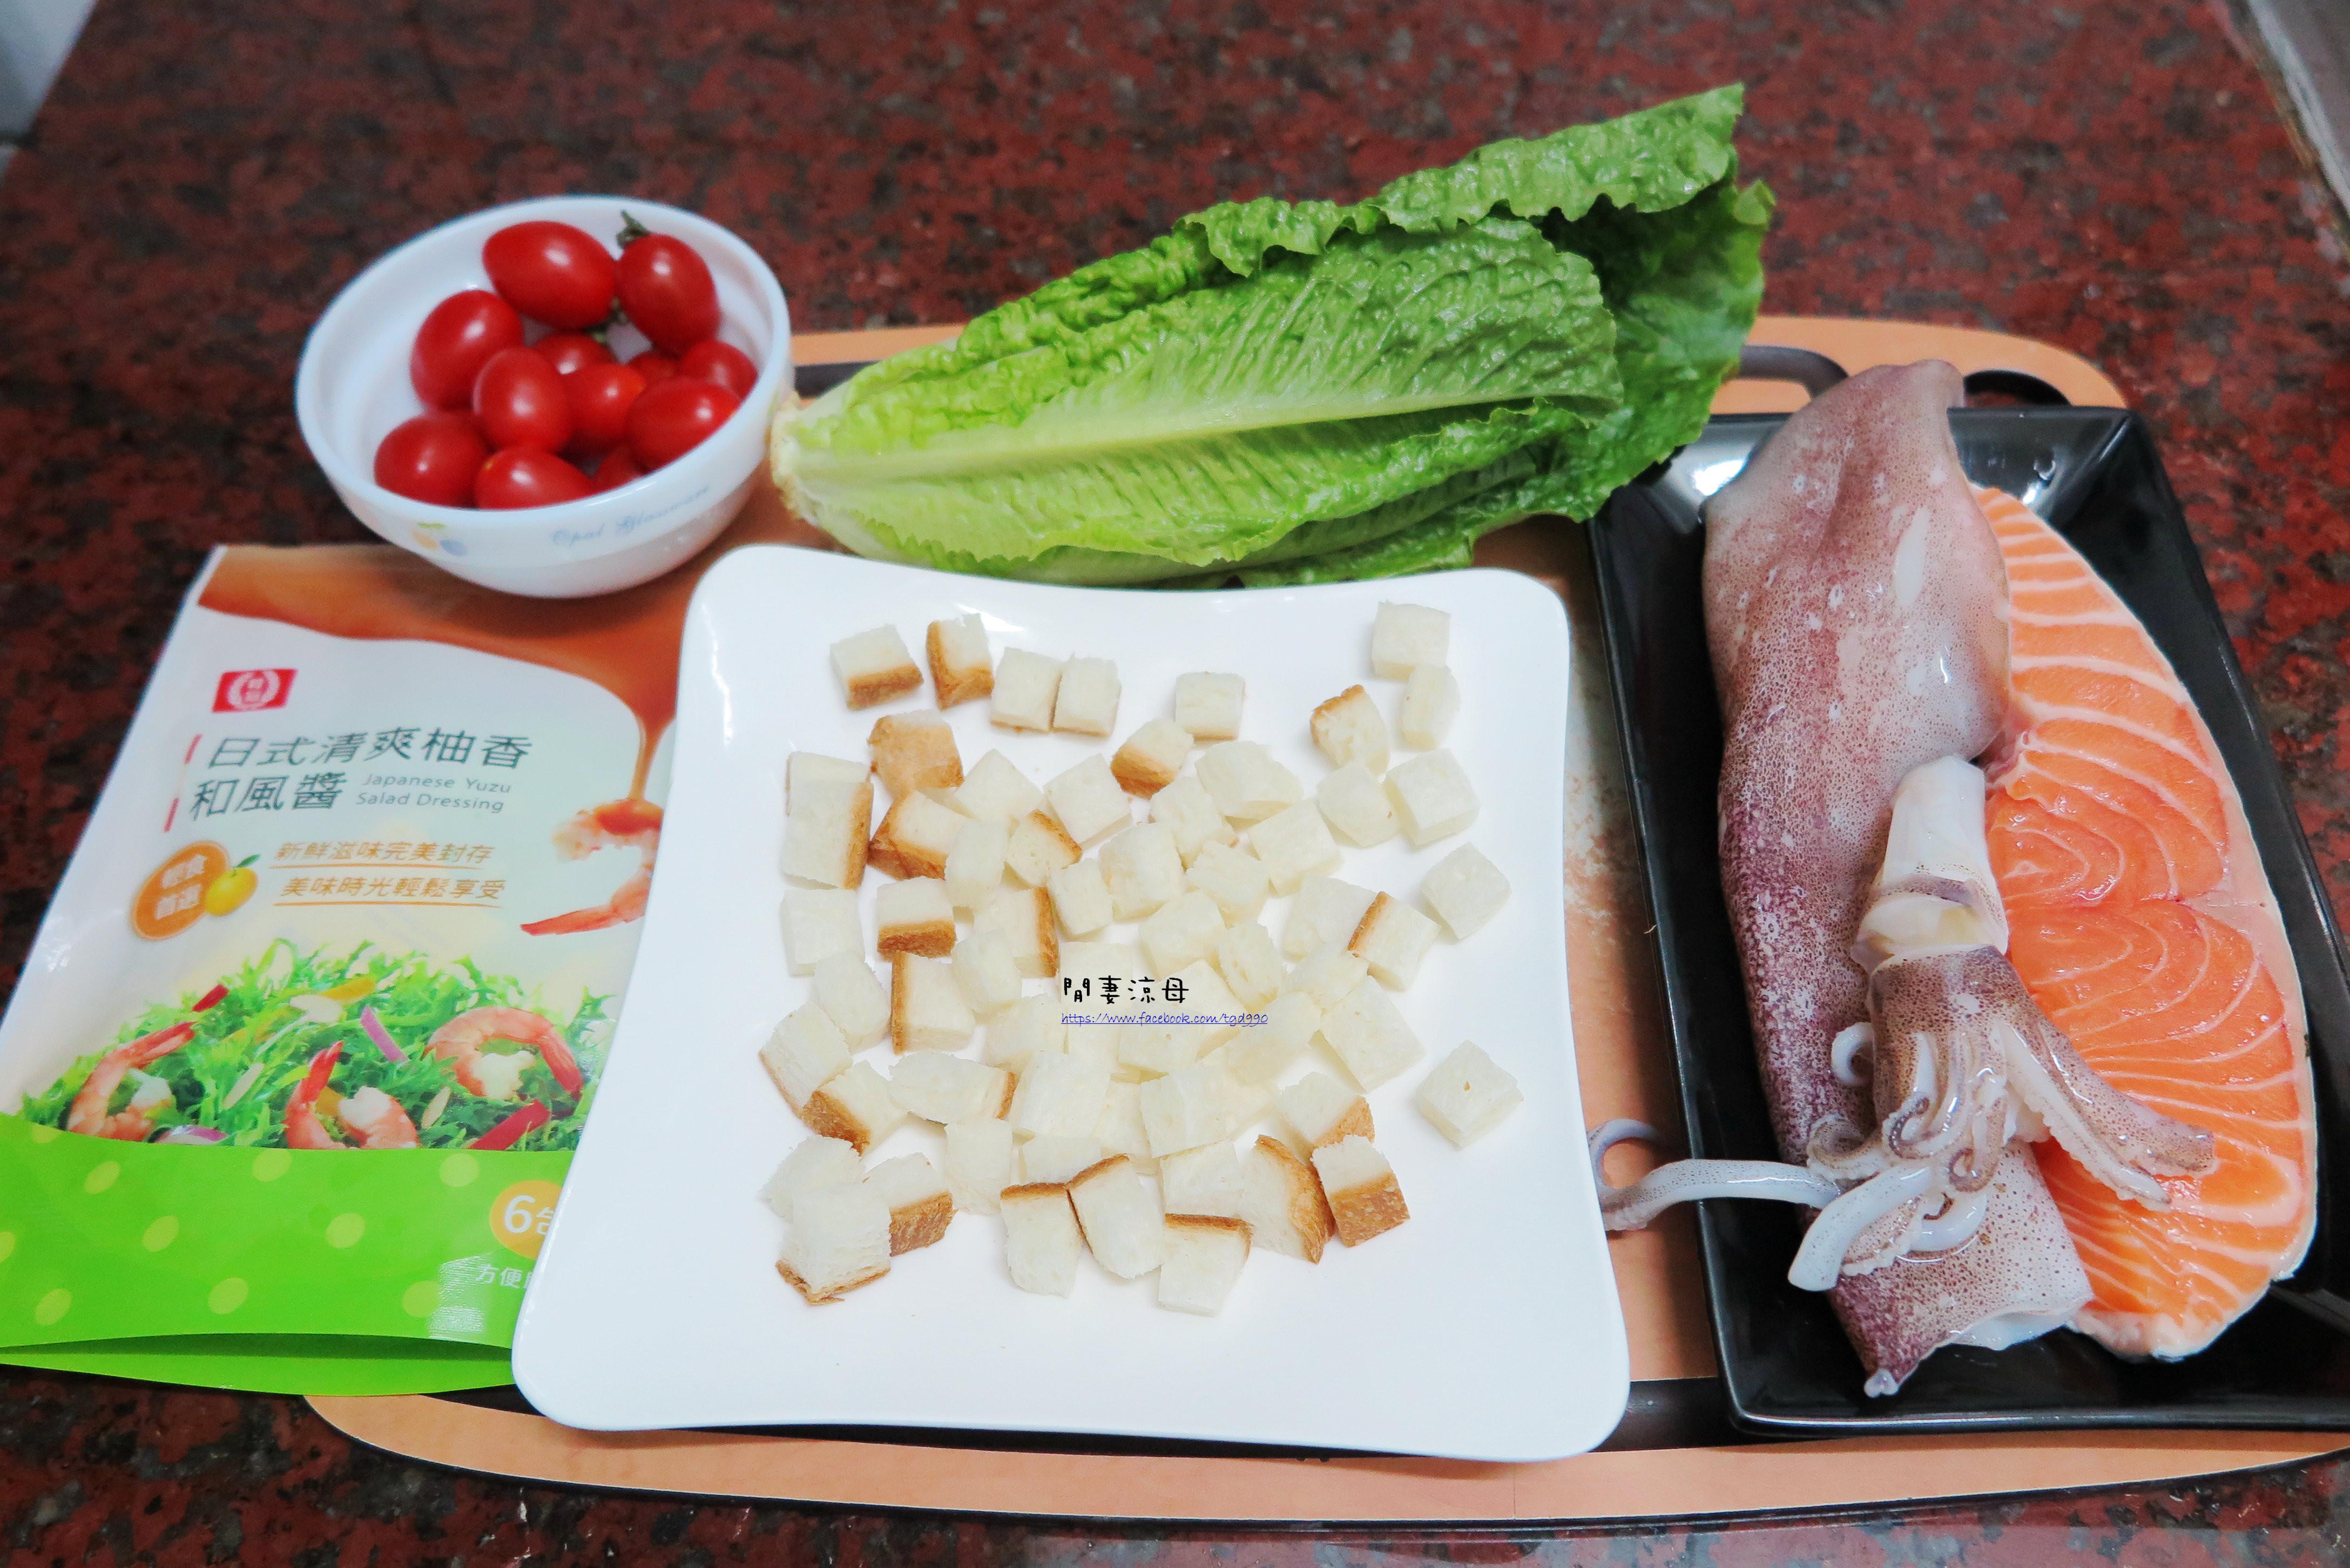 家庭必備之炎夏涼爽就醬拌-桂冠風味沙拉的第 11 張圖片